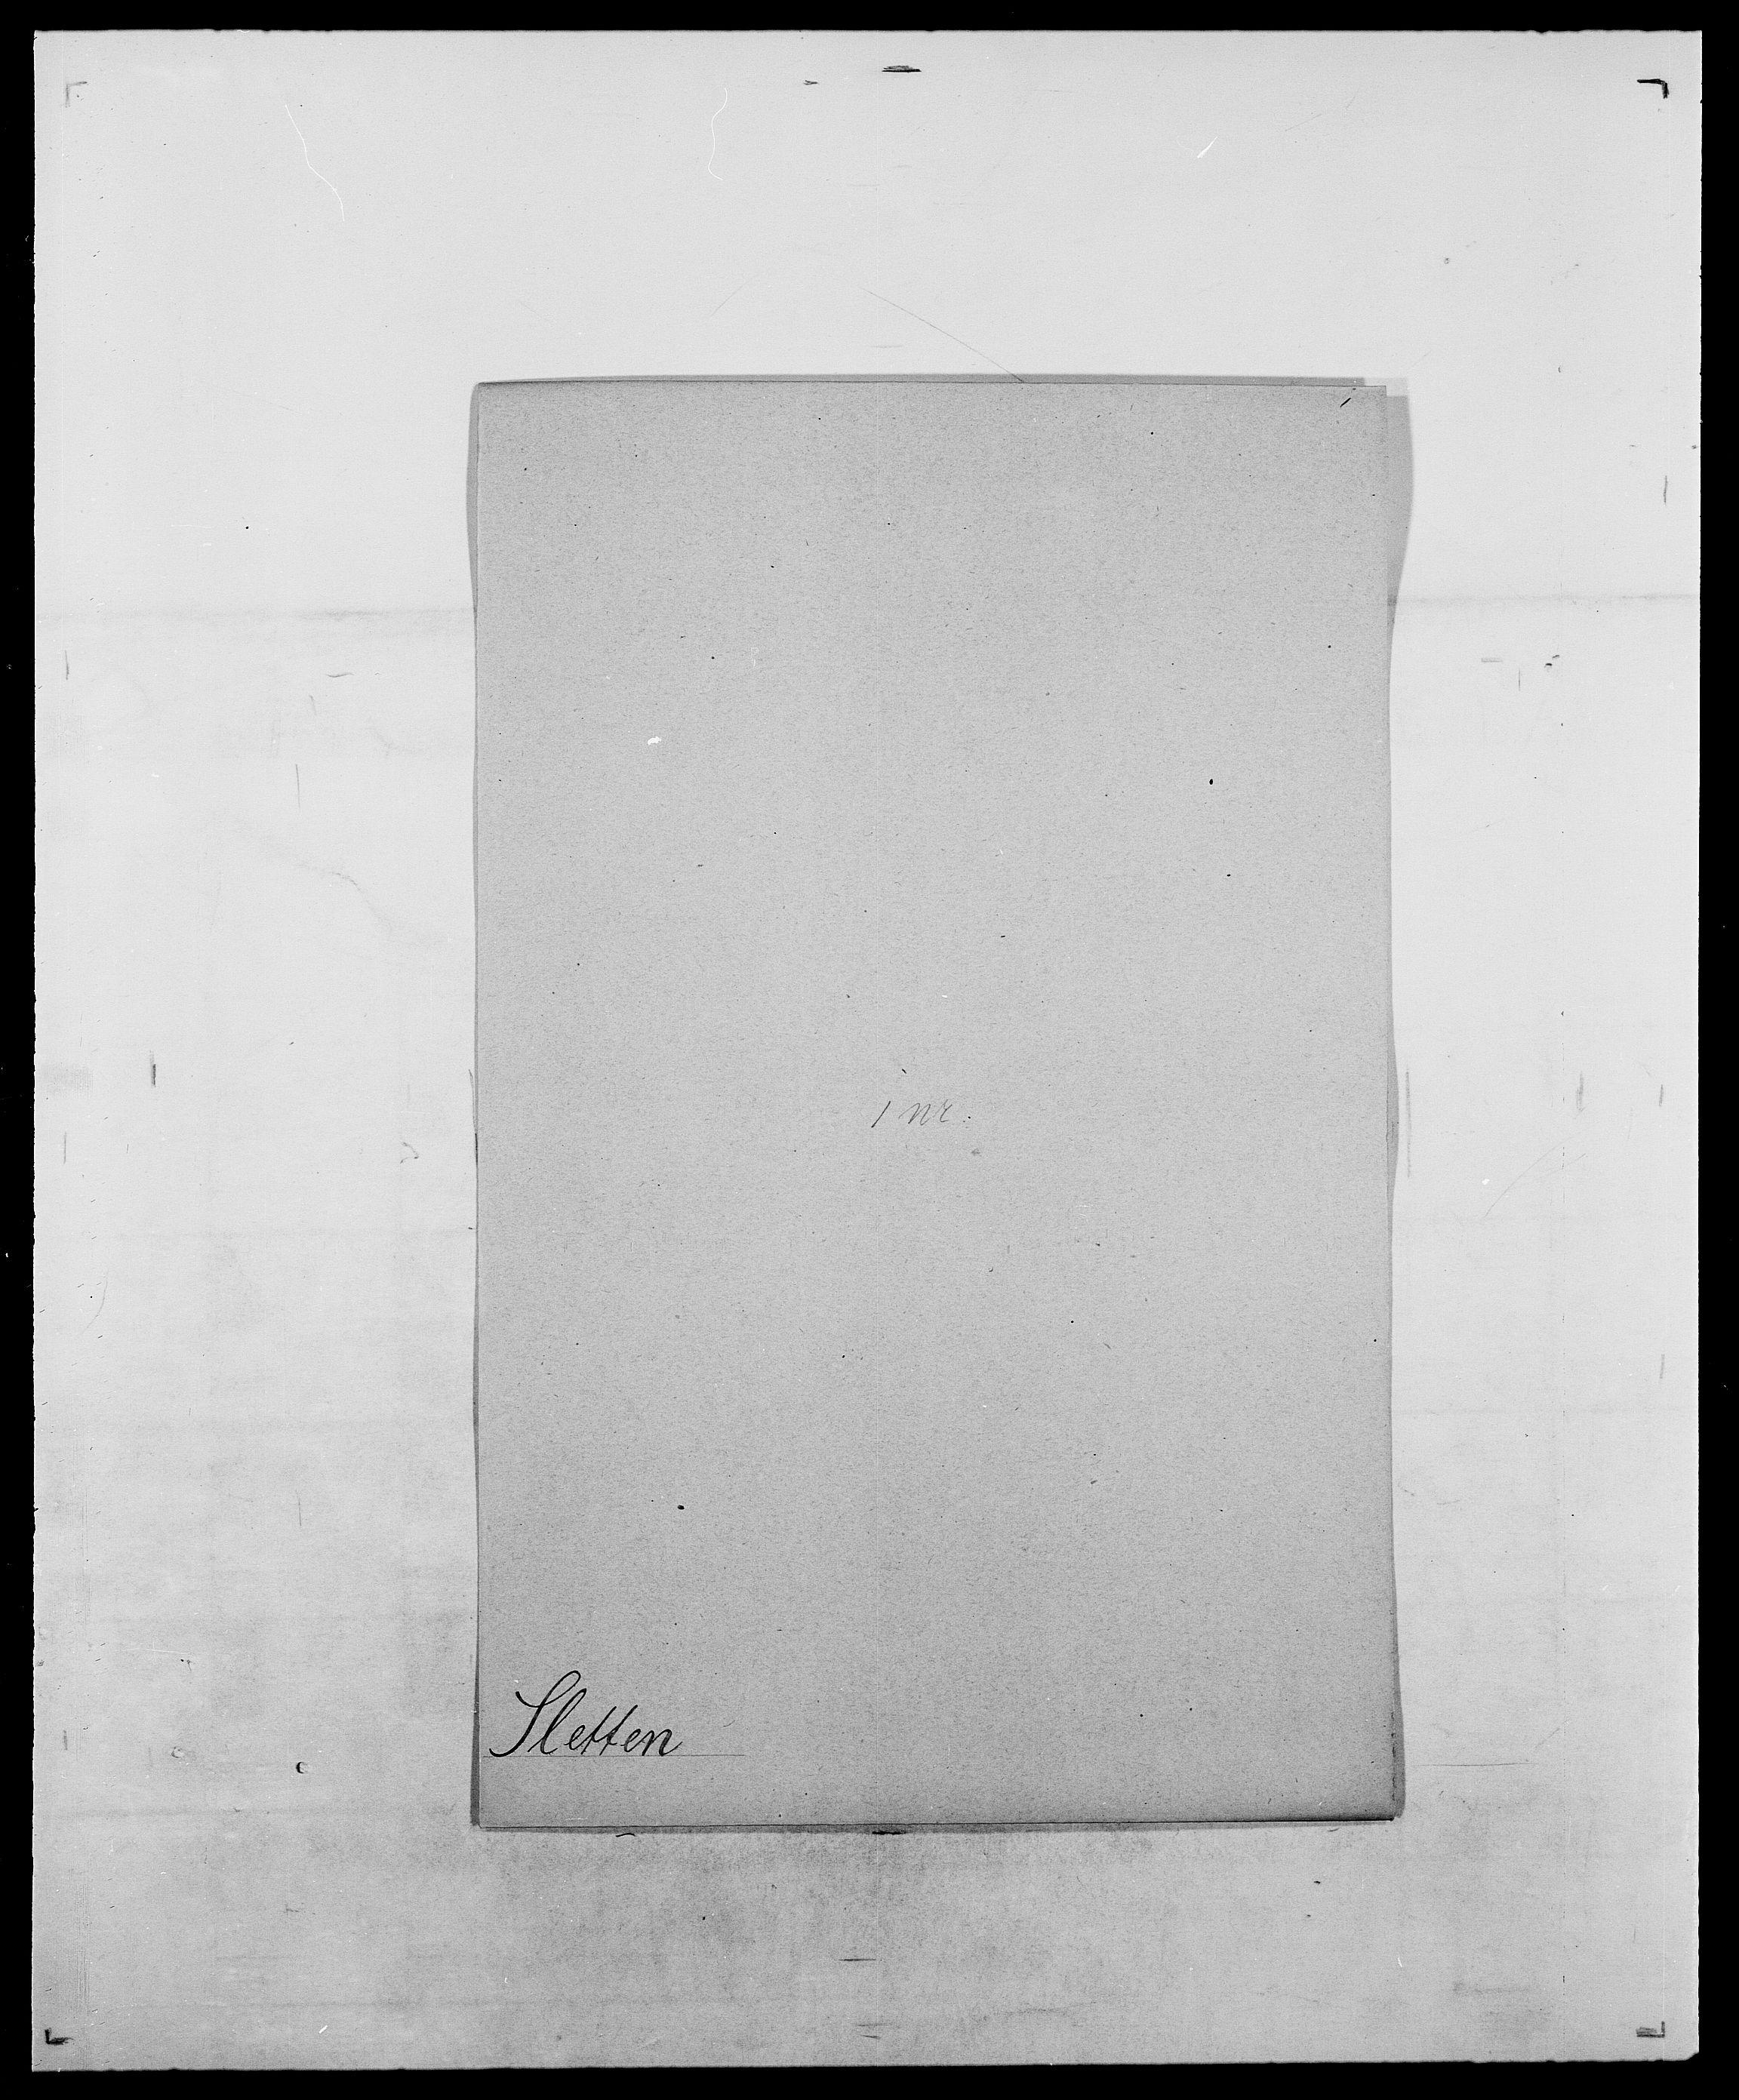 SAO, Delgobe, Charles Antoine - samling, D/Da/L0036: Skaanør - Staverskov, s. 91